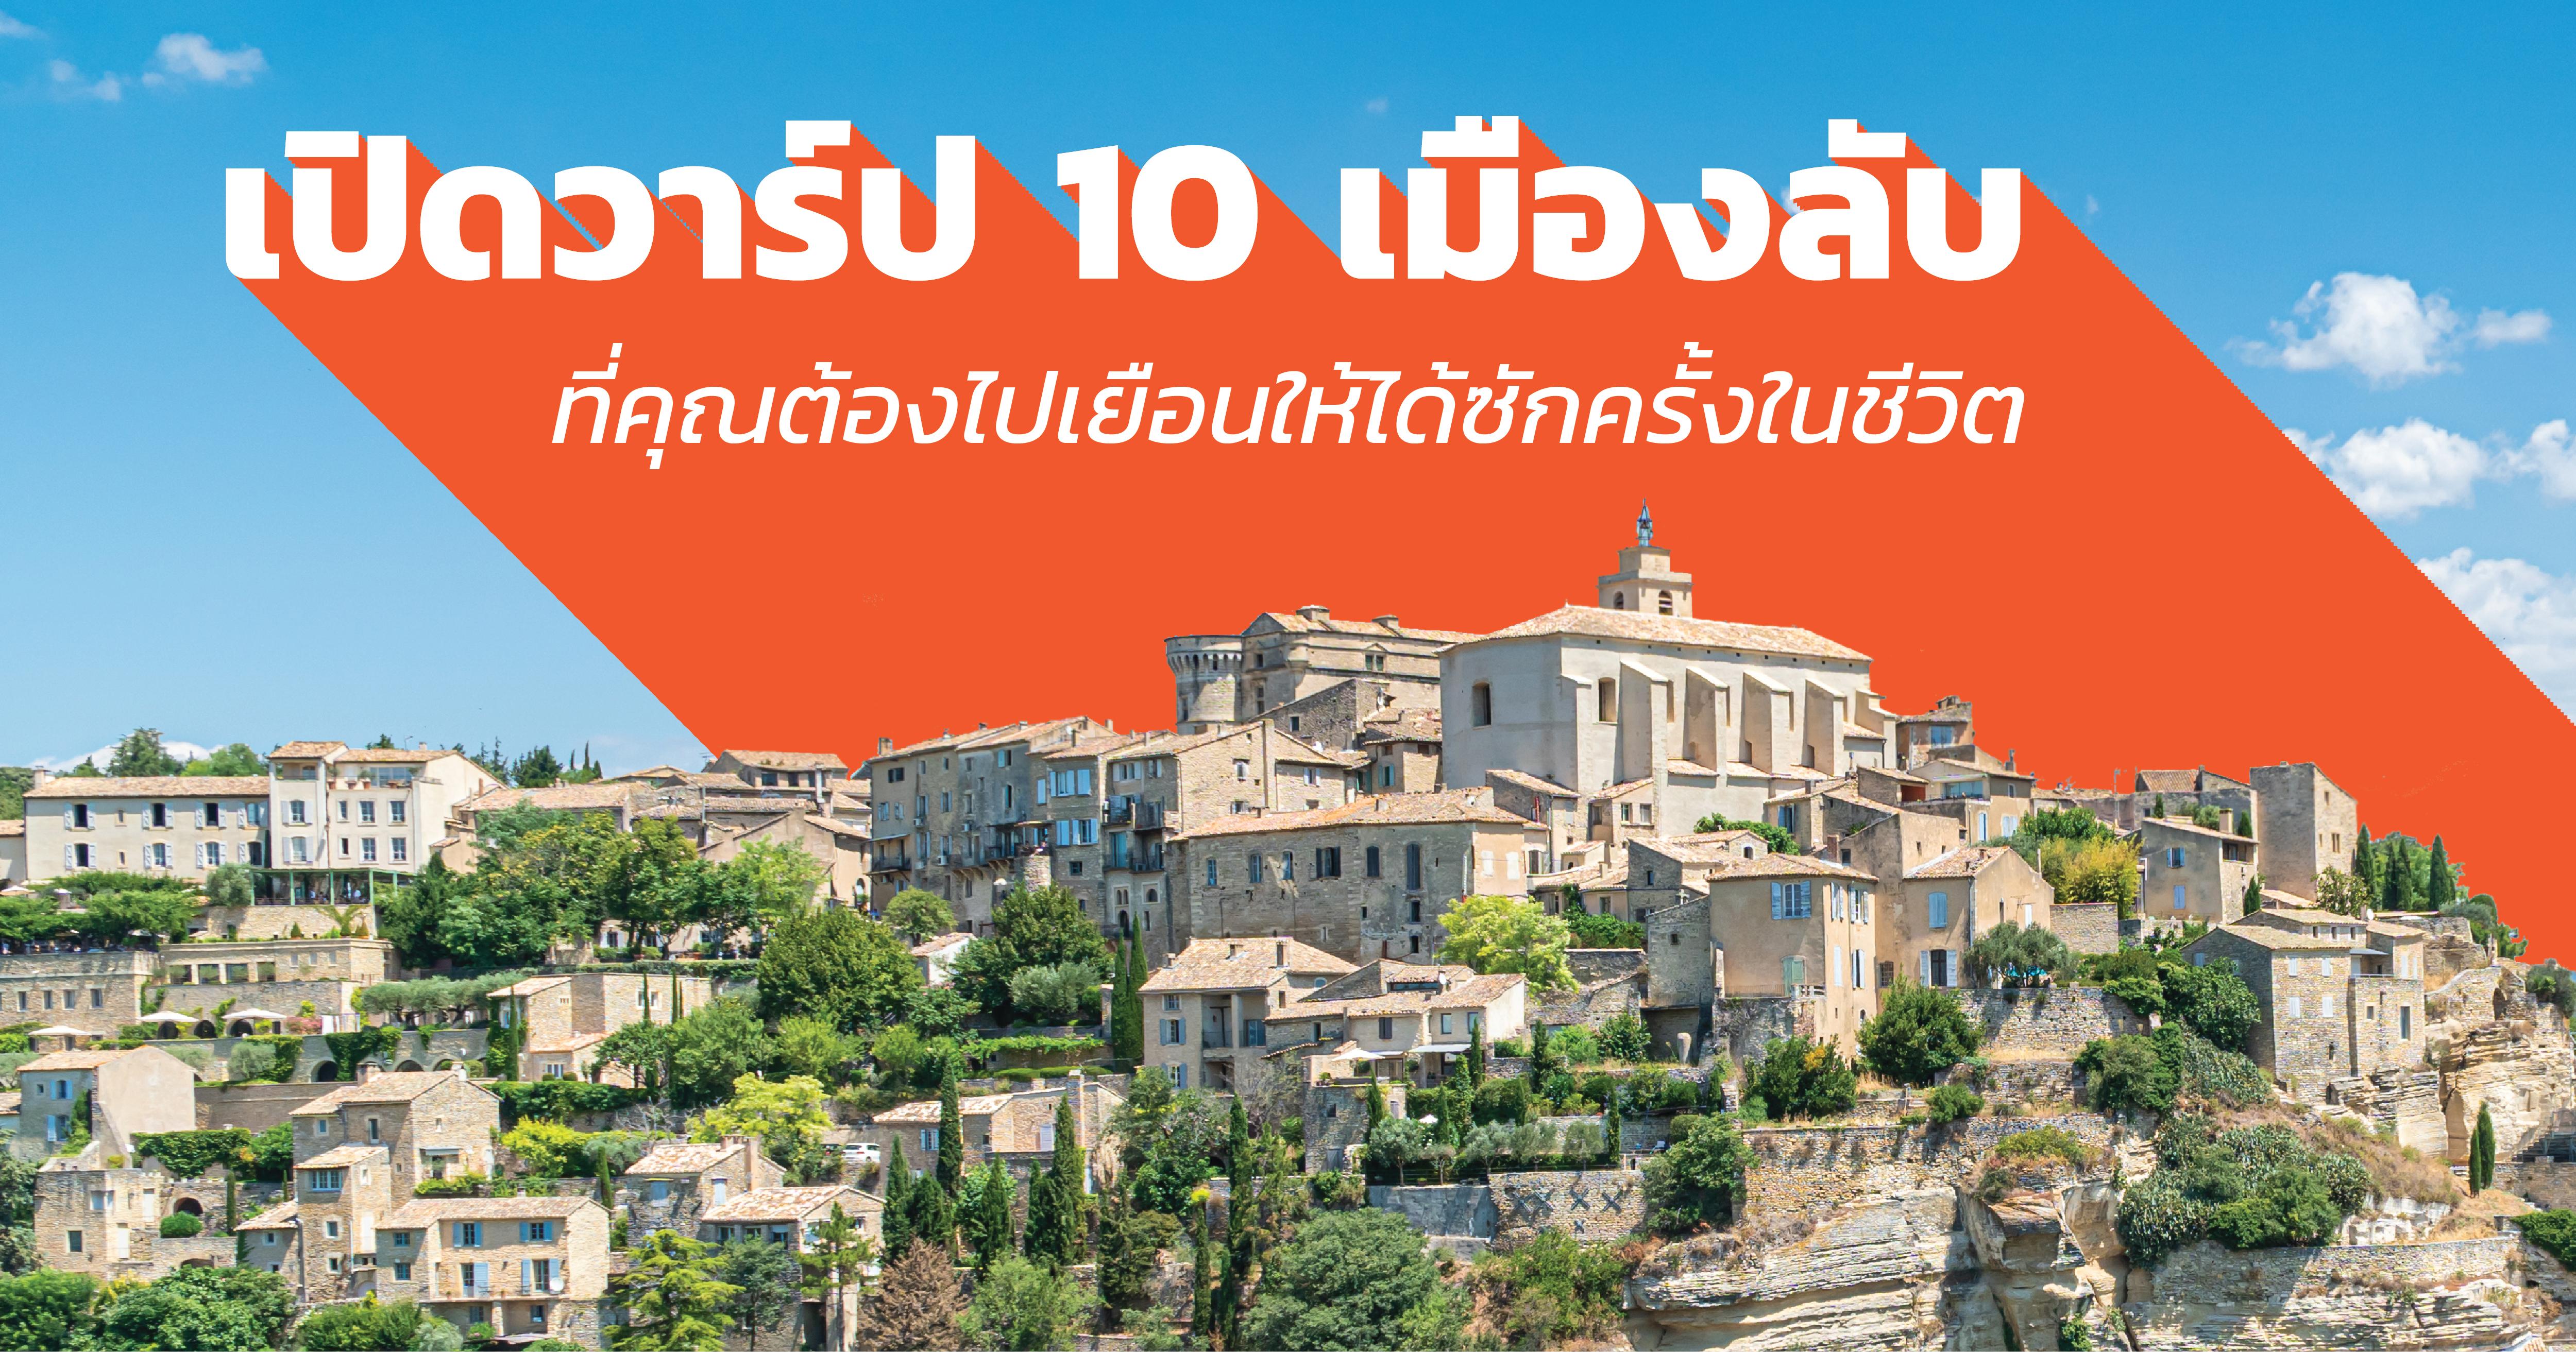 10 เมืองลับในโลก